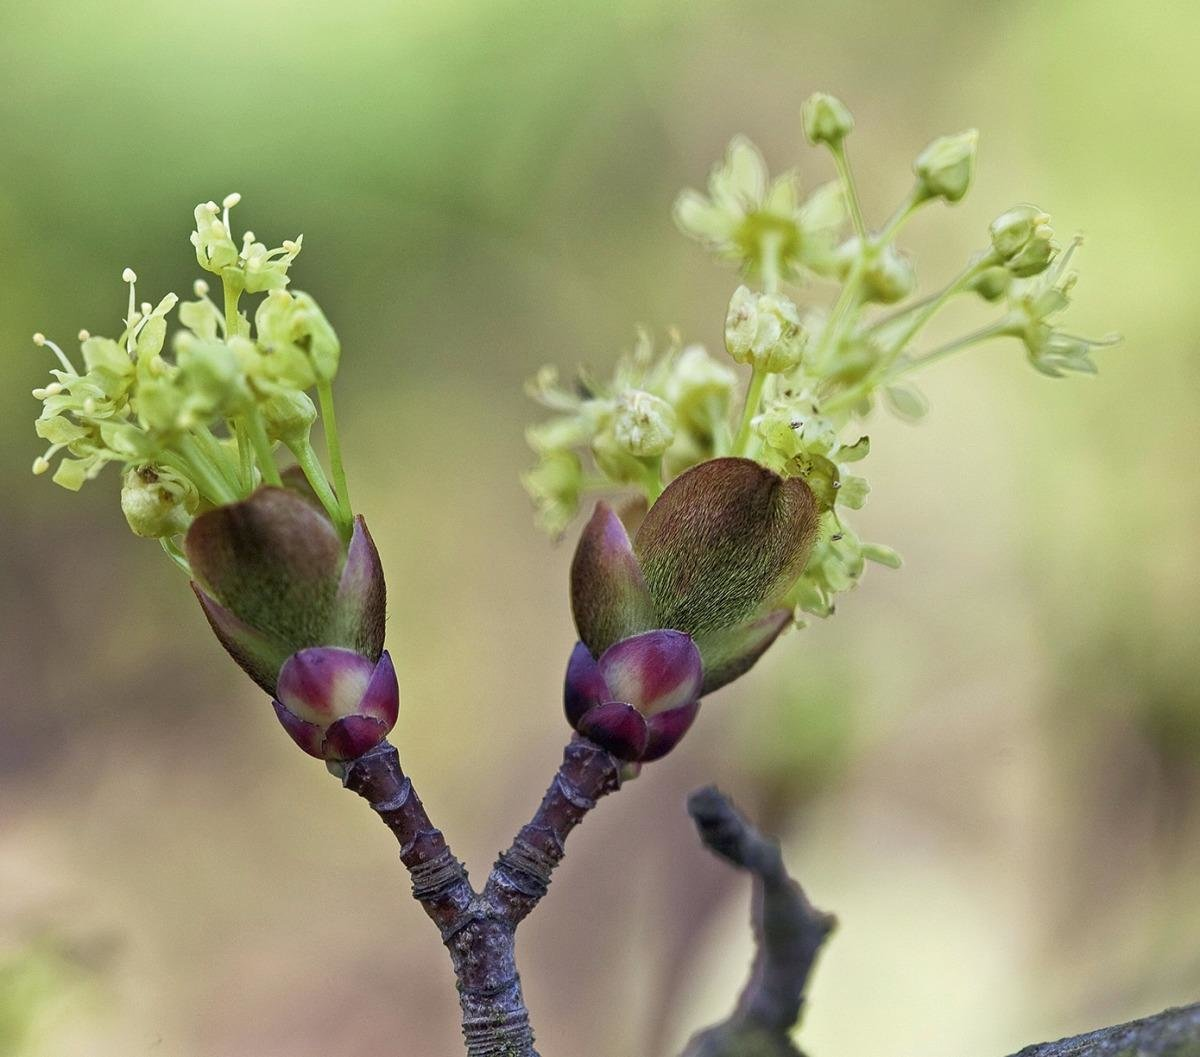 подход картинки весна почки на деревьях функция расшифровки нужна